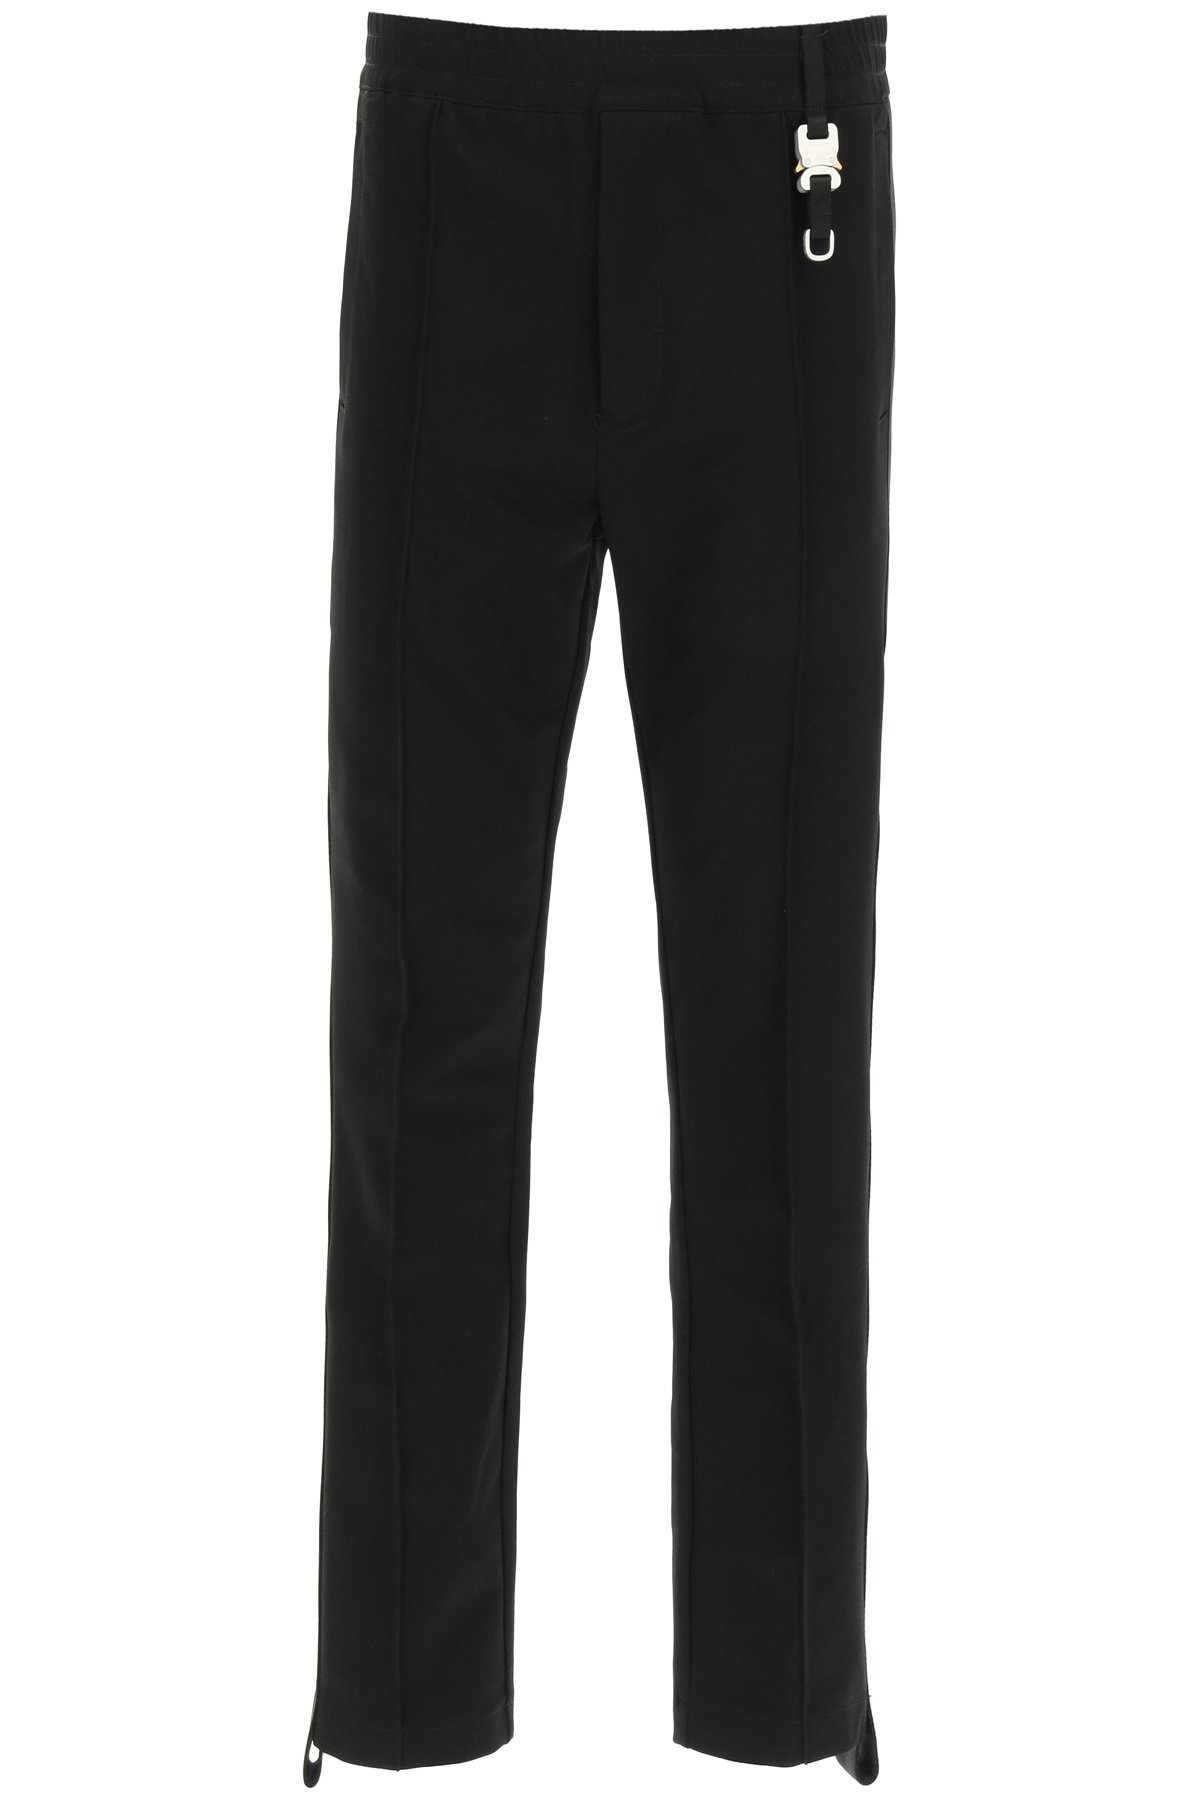 1017 alyx 9sm pantaloni in tessuto elasticizzato